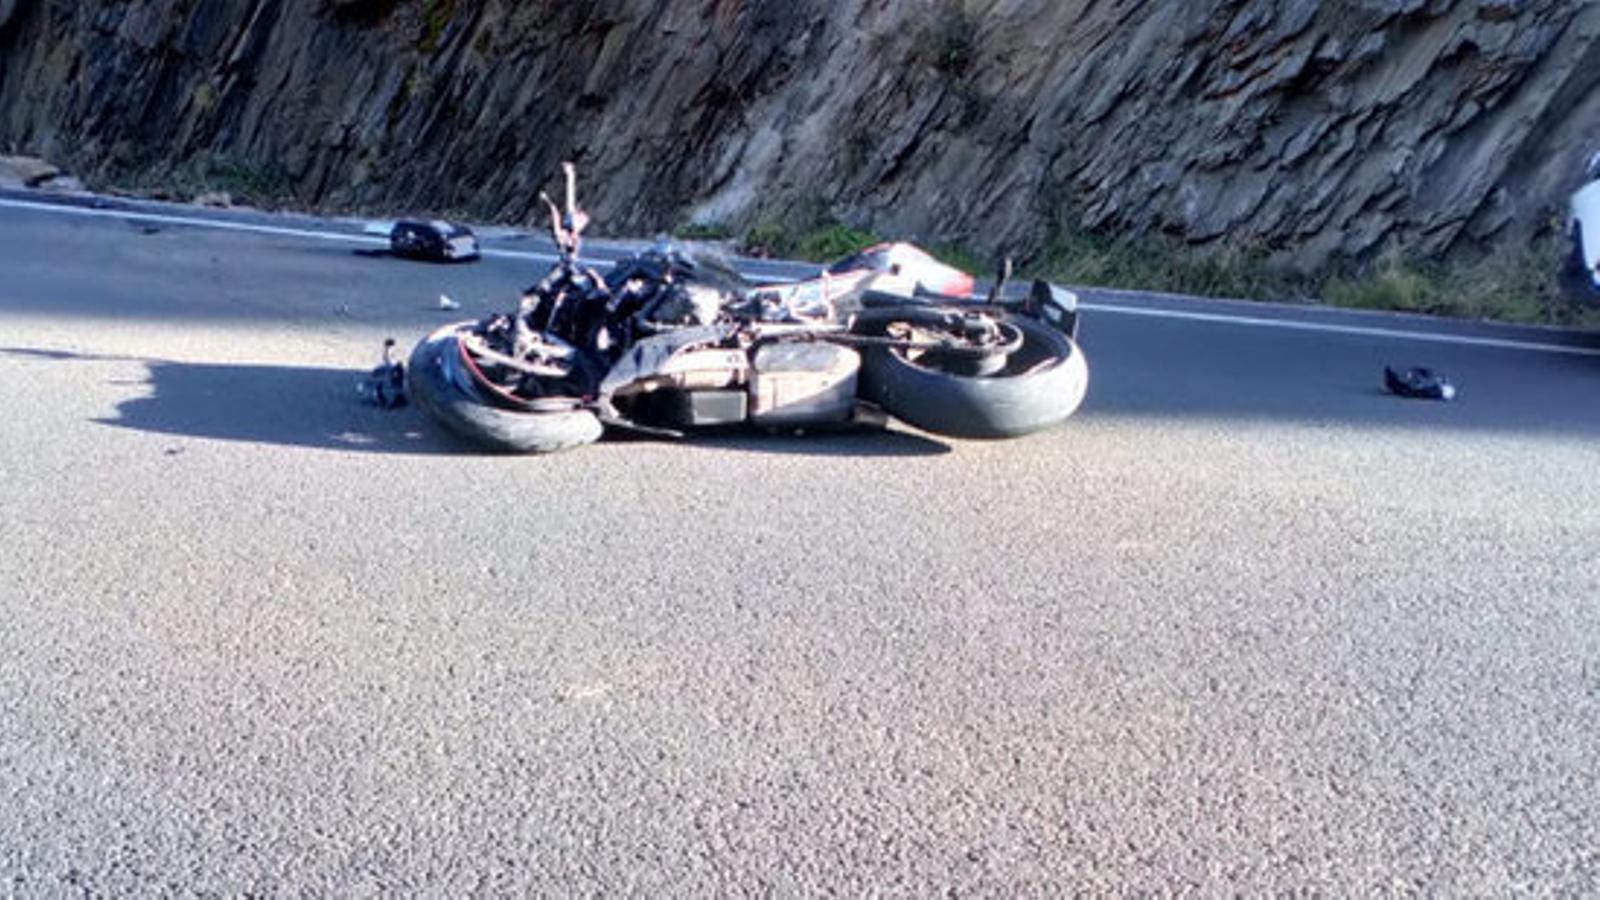 La motocicleta accidentada a Llavorsí. / ACN (R.M.G.)